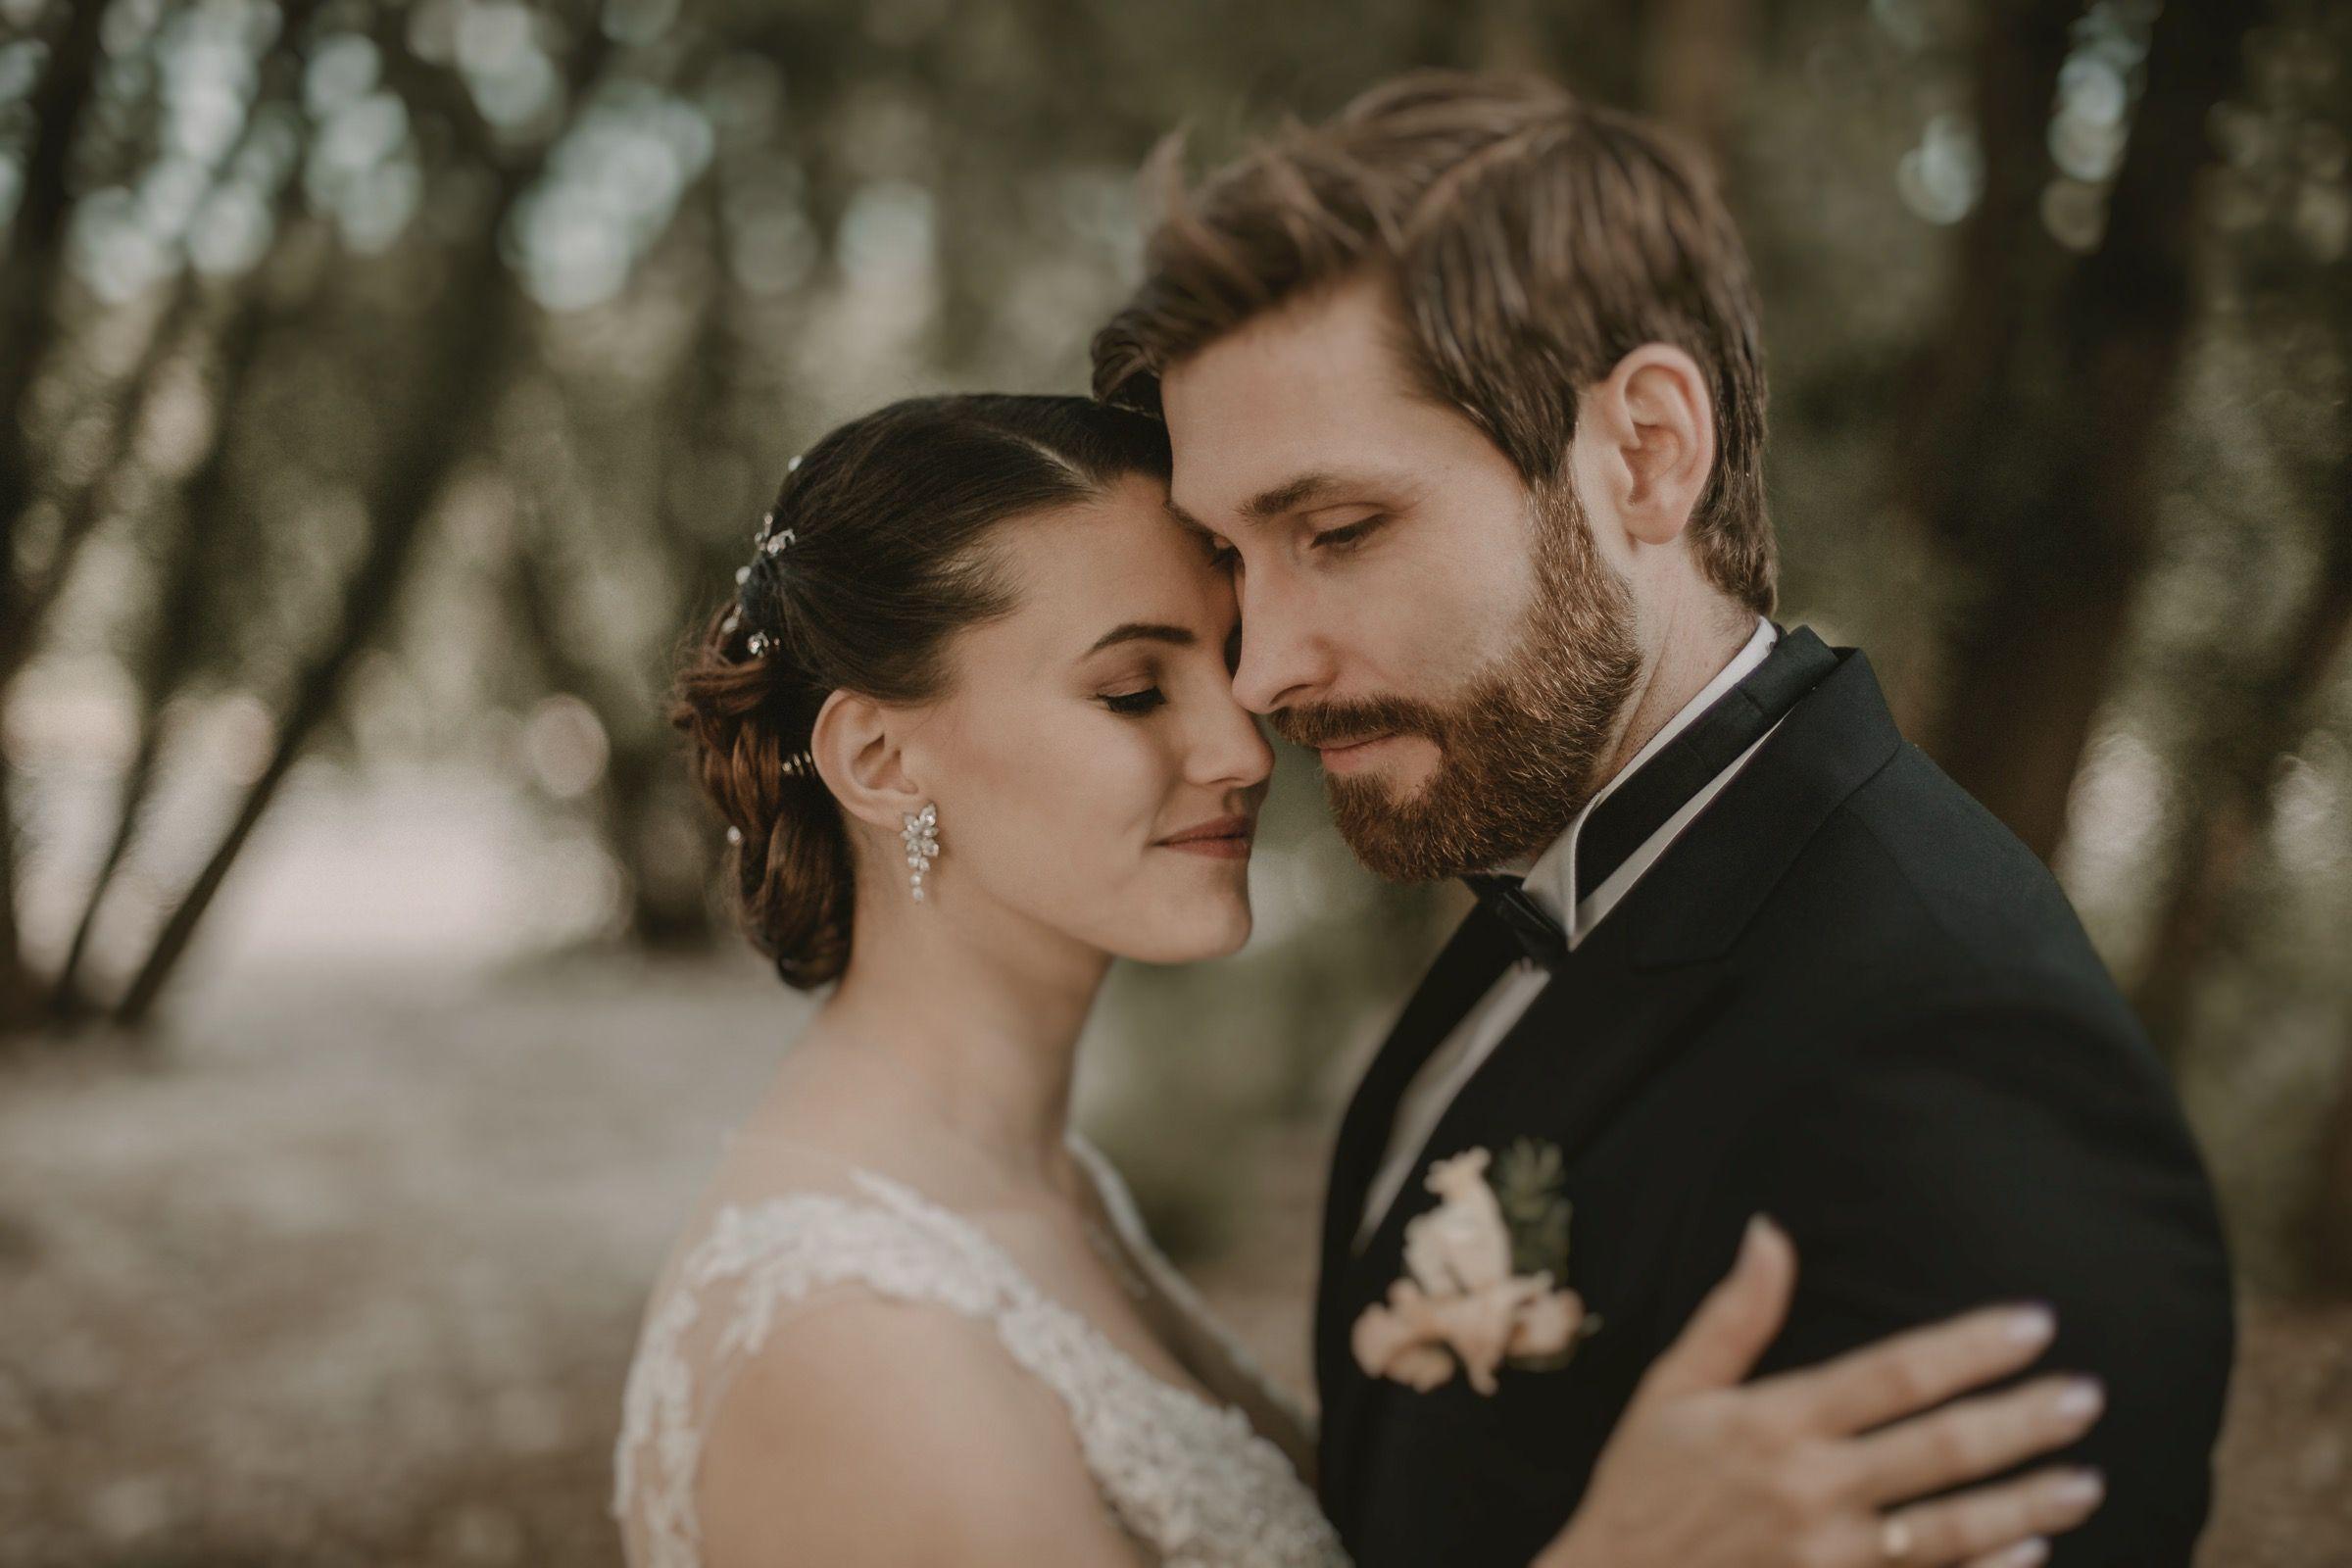 Heiraten In Zeiten Von Corona Nrw Koln In 2020 Standesamtliche Trauung Heiraten Standesamtlich Heiraten